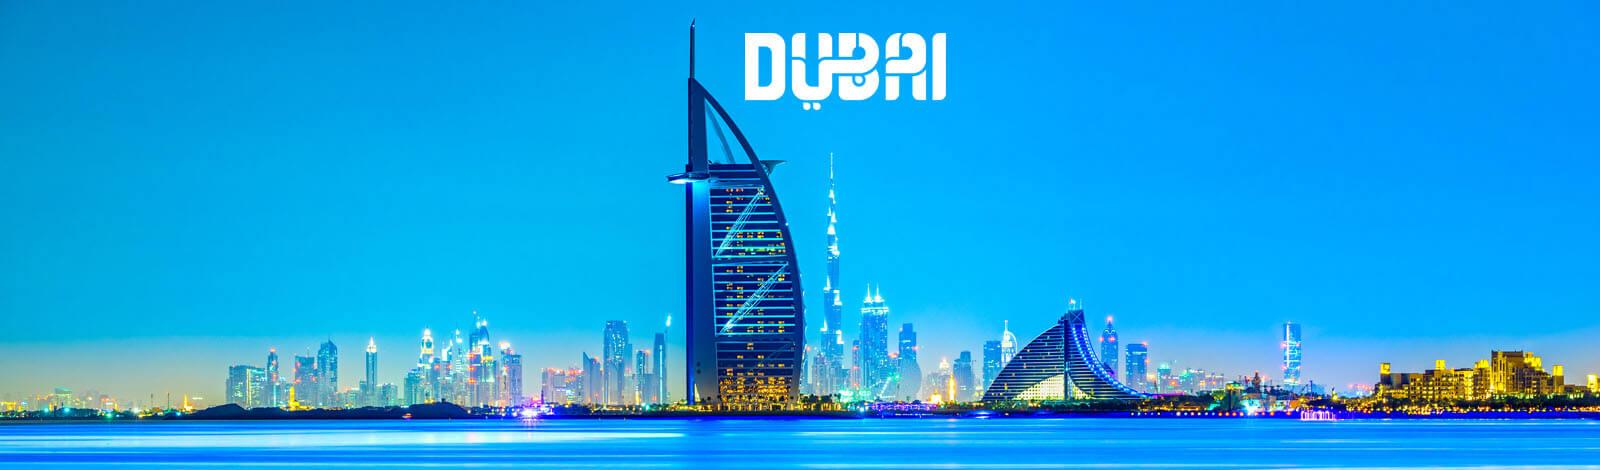 Dubai desktopv1